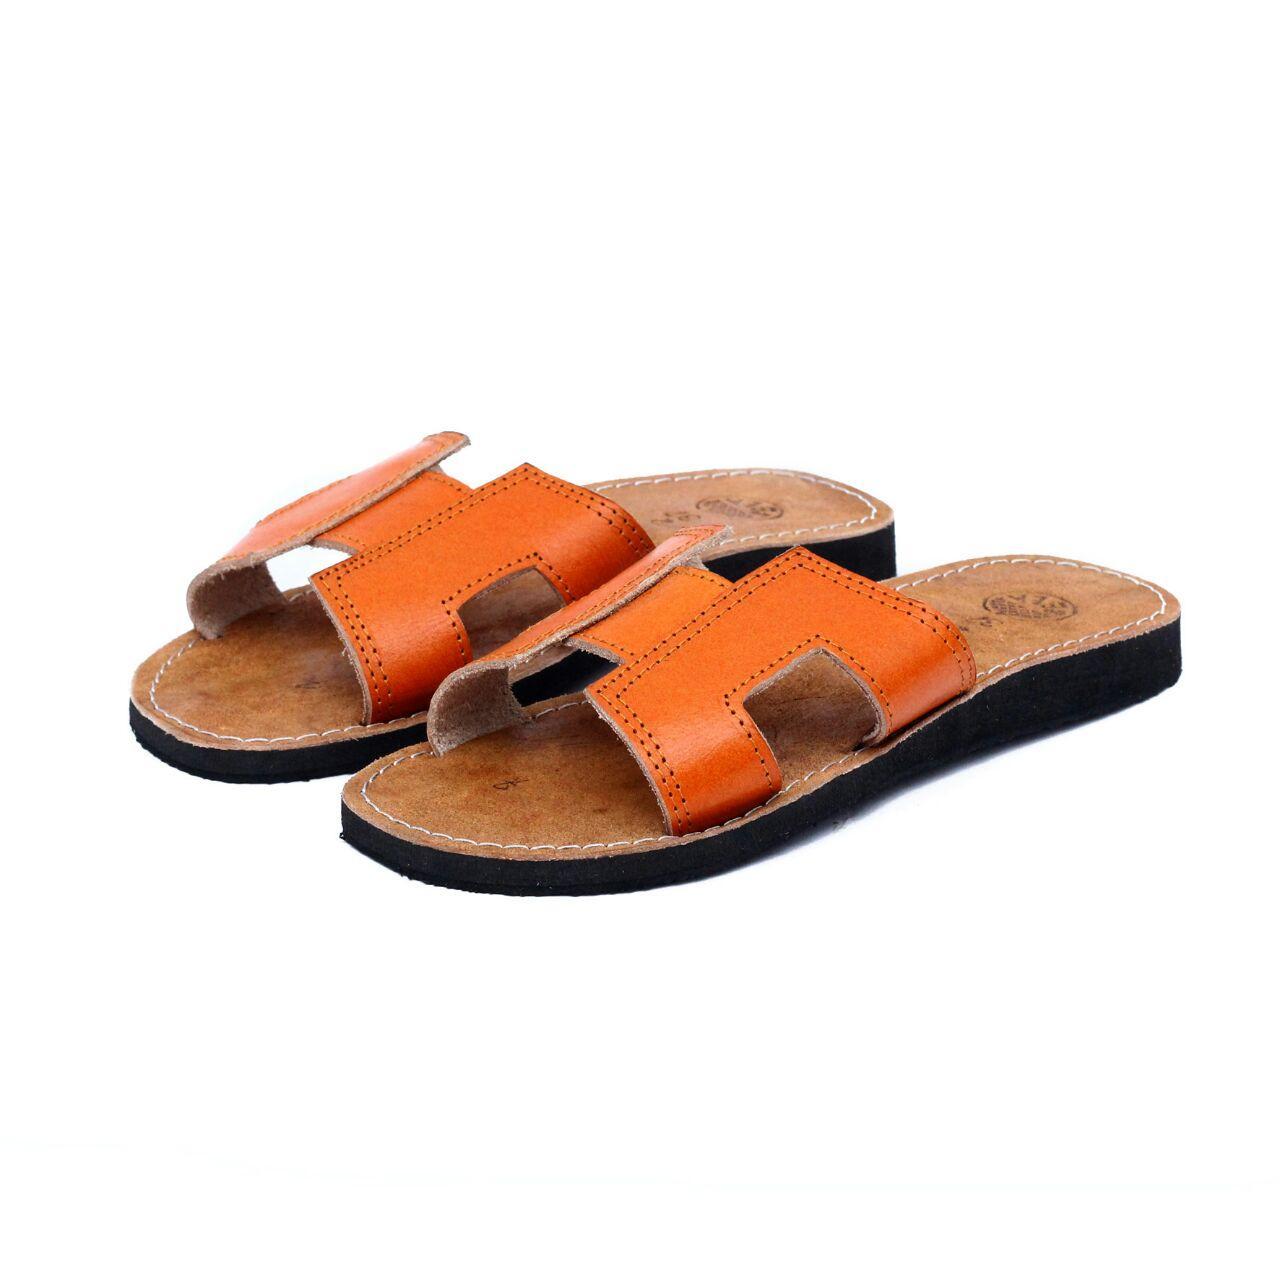 Sandal Kulit Wanita Model H Kulit Asli -Sandal Teplek Warna Orange